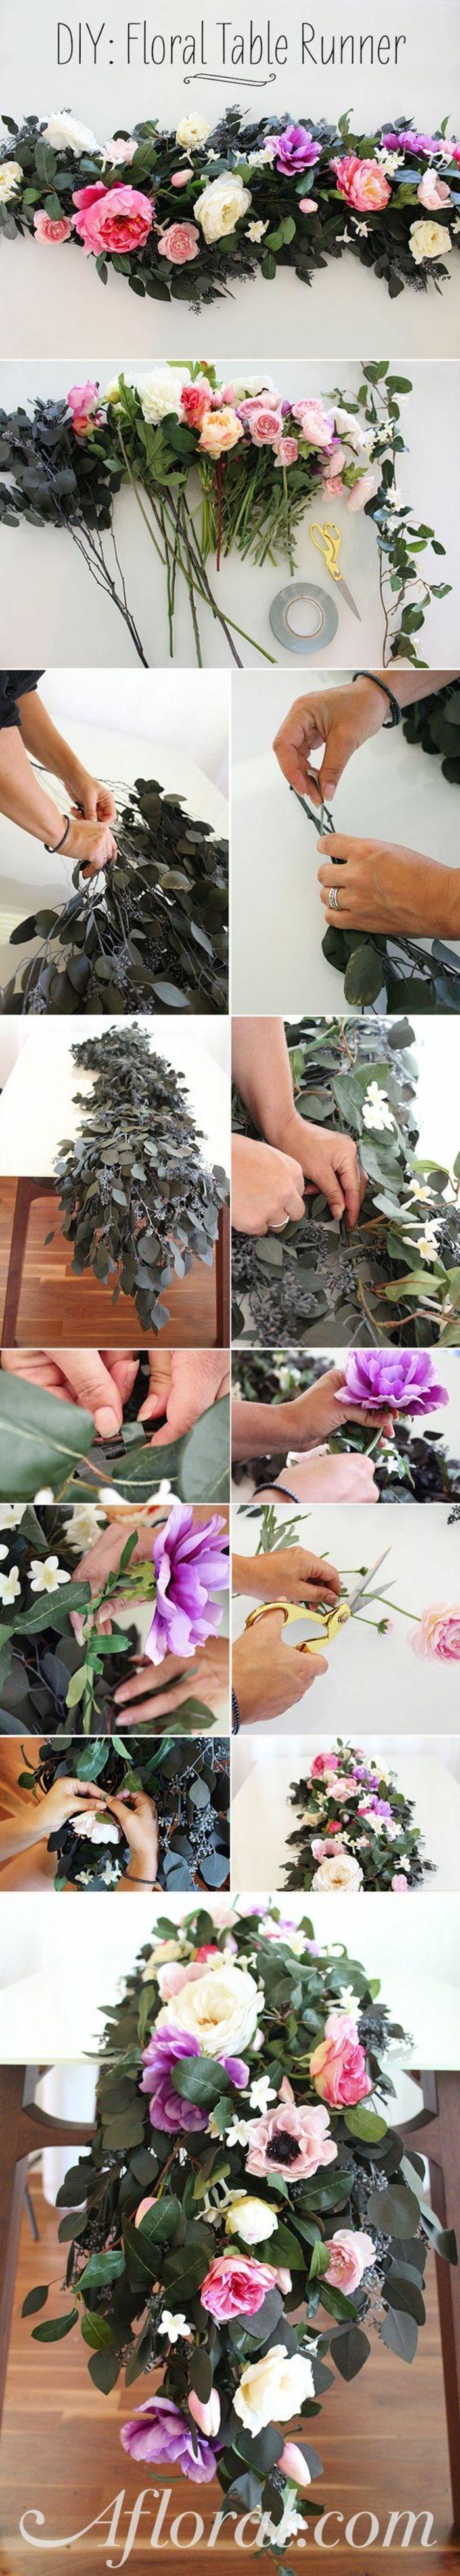 dekoration selber machen, tischläufer aus blumen und grünen zweigen